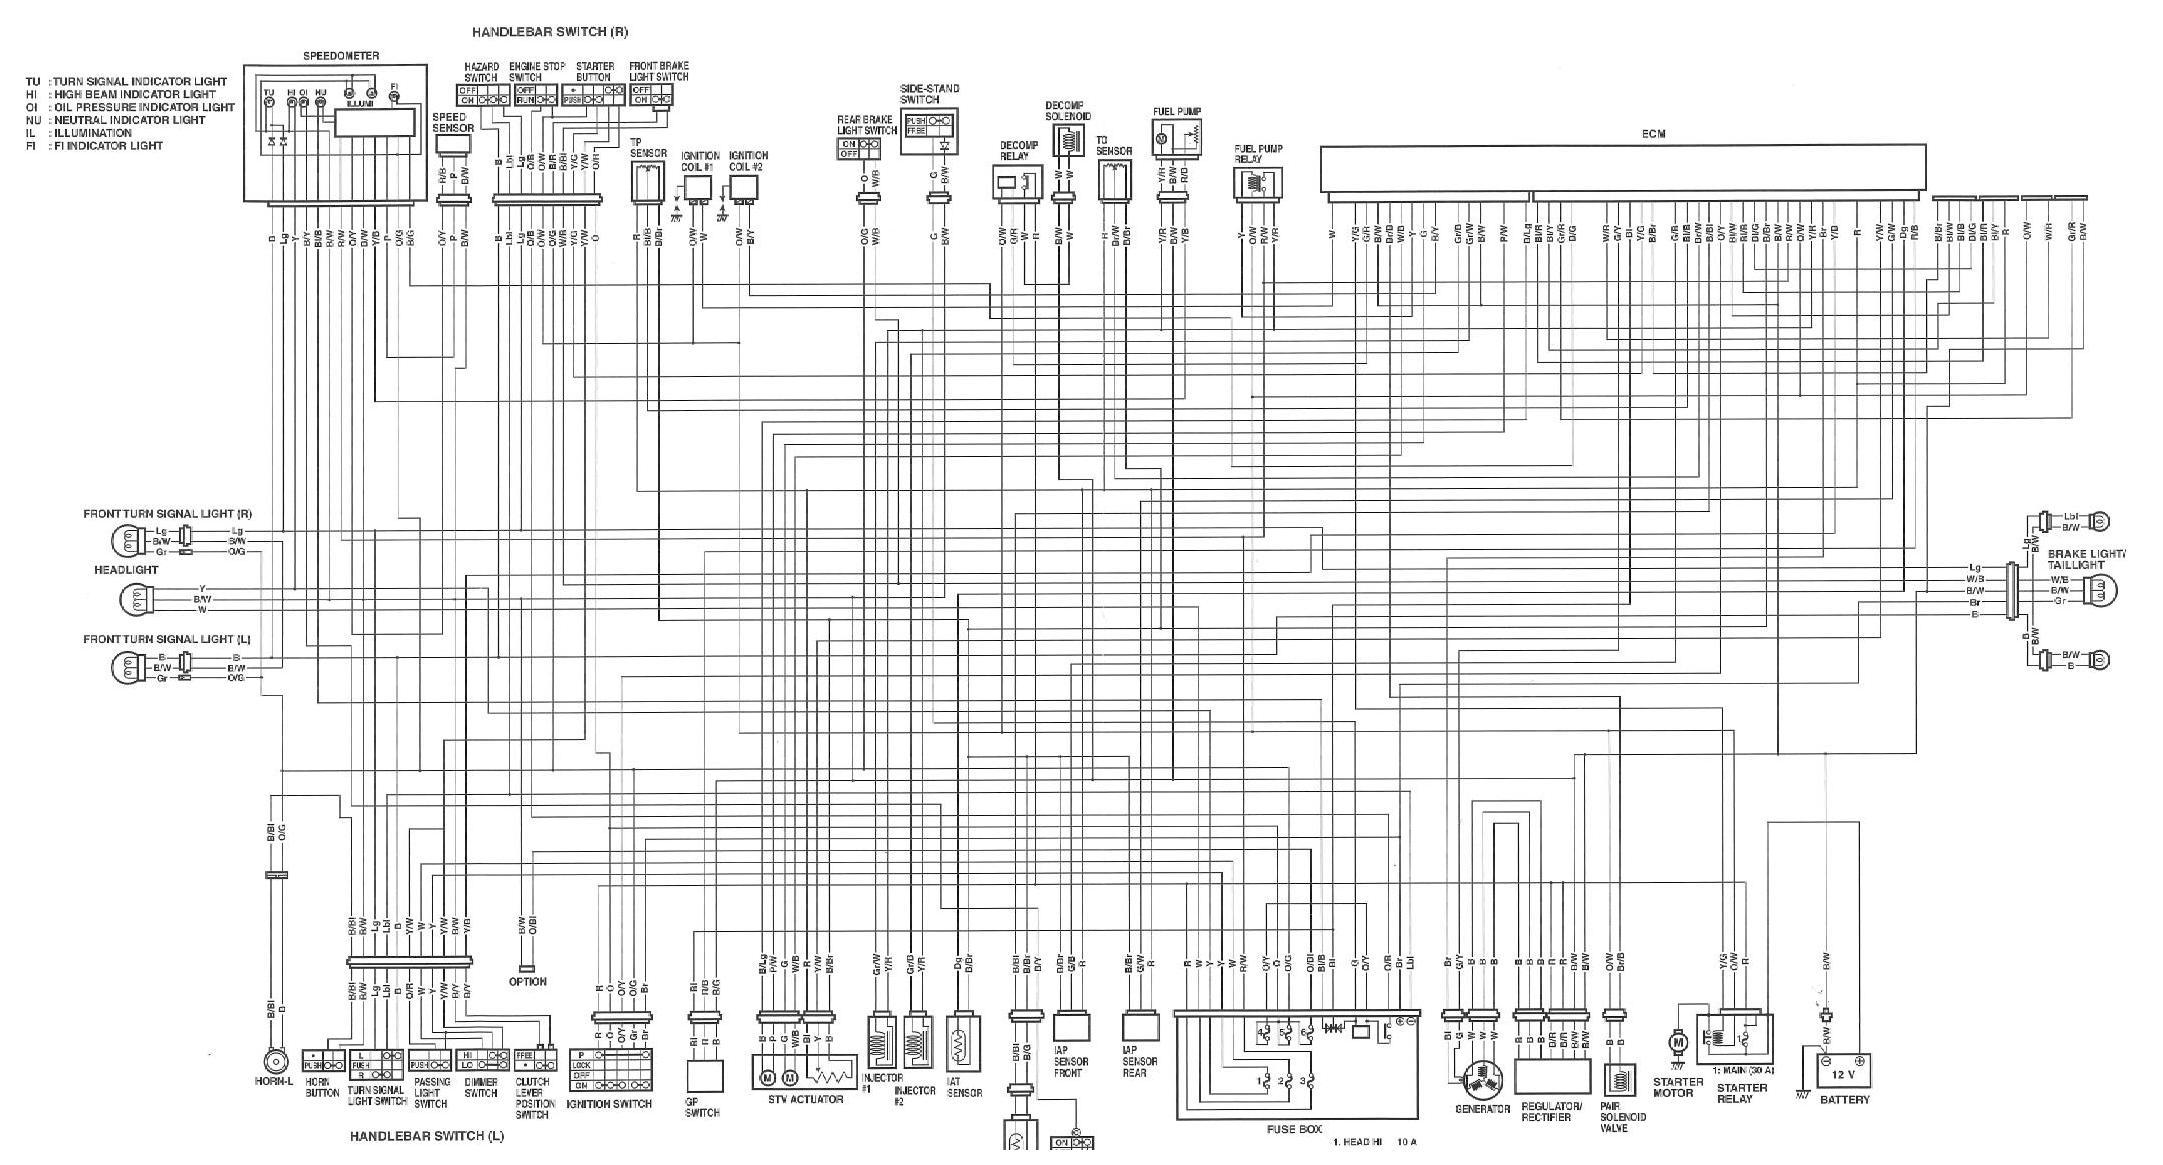 26 Hayabusa Wiring Diagram Pdf